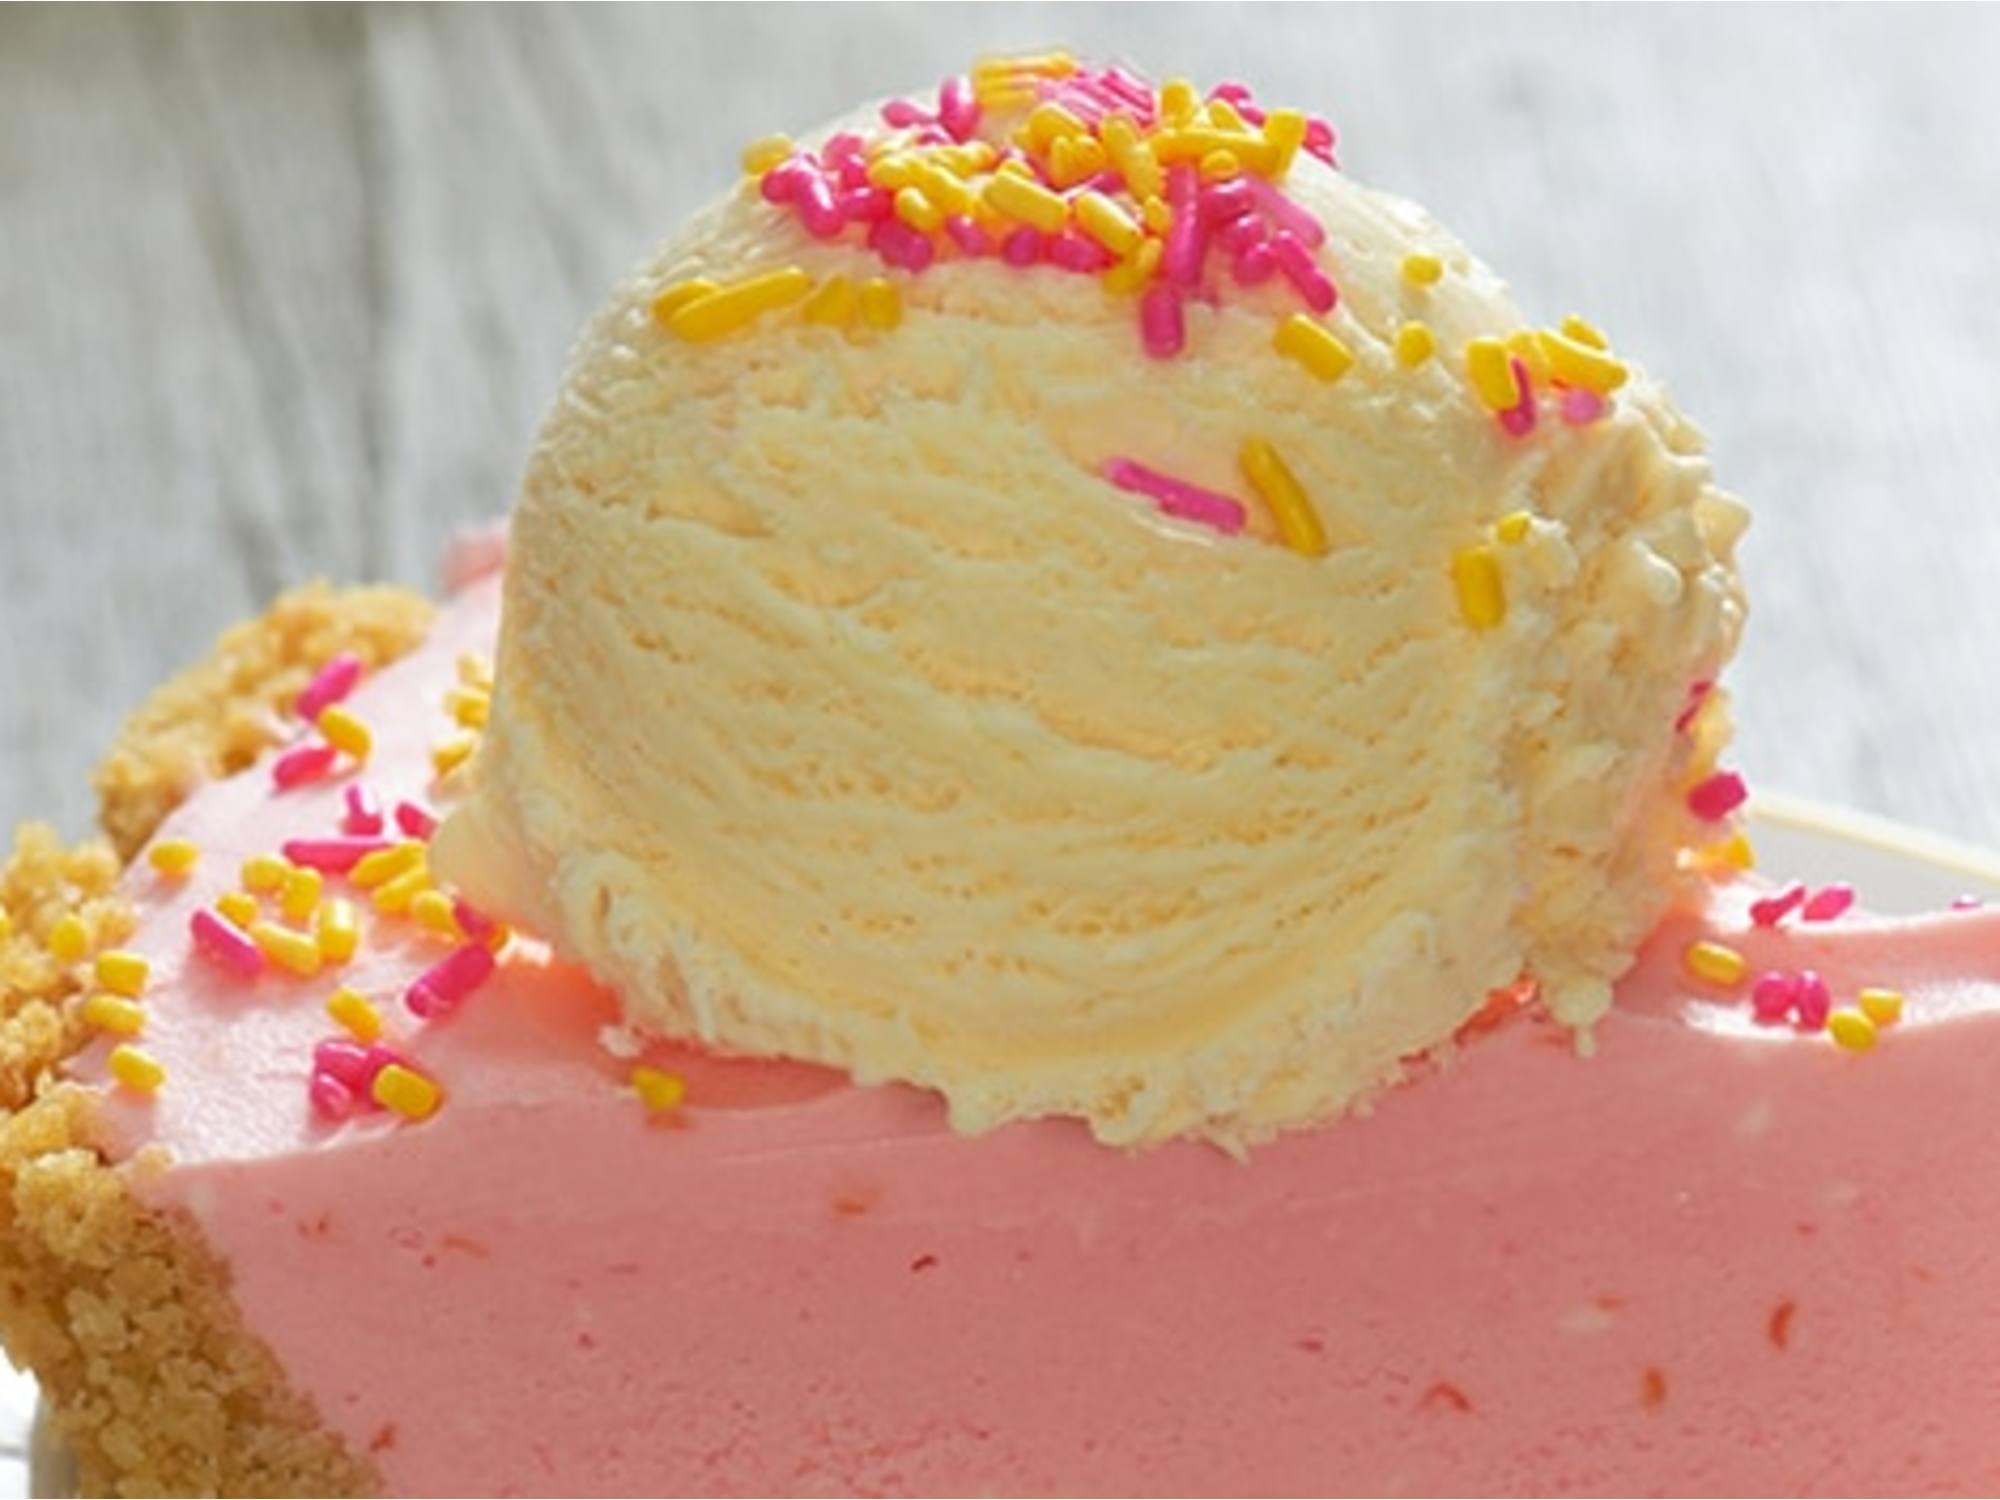 Pastel de limonada rosada y vainilla con corteza de patatas saladas